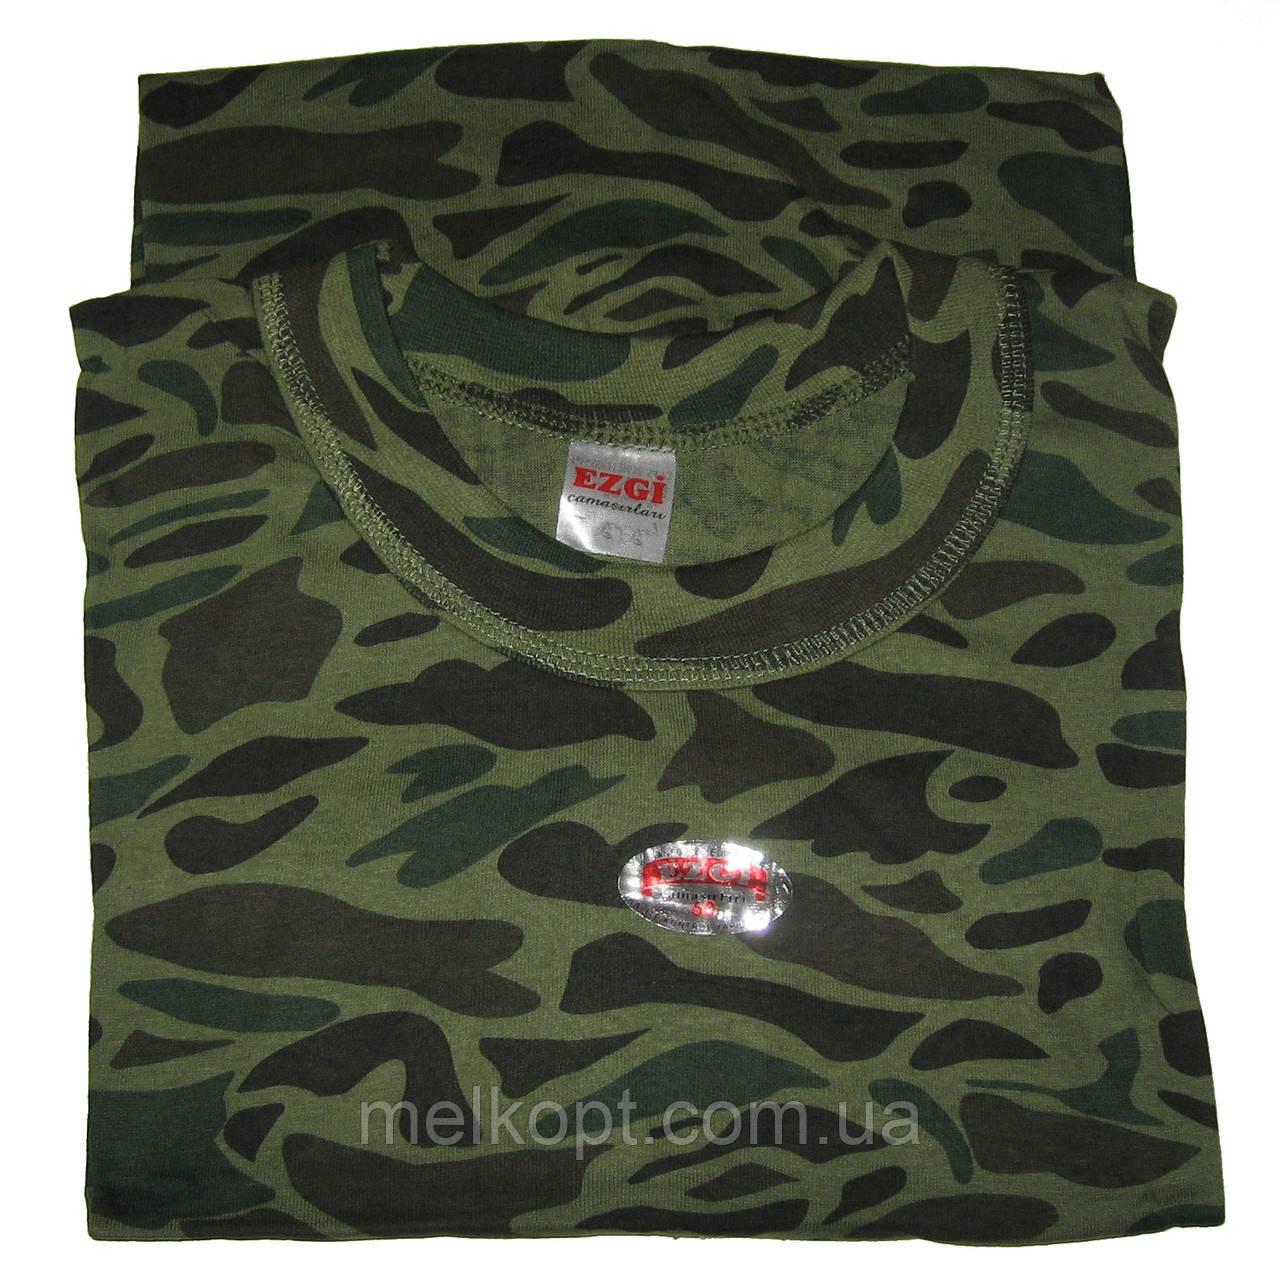 Чоловічі футболки Ezgi - 60,00 грн./шт. (56-й розмір, хакі)